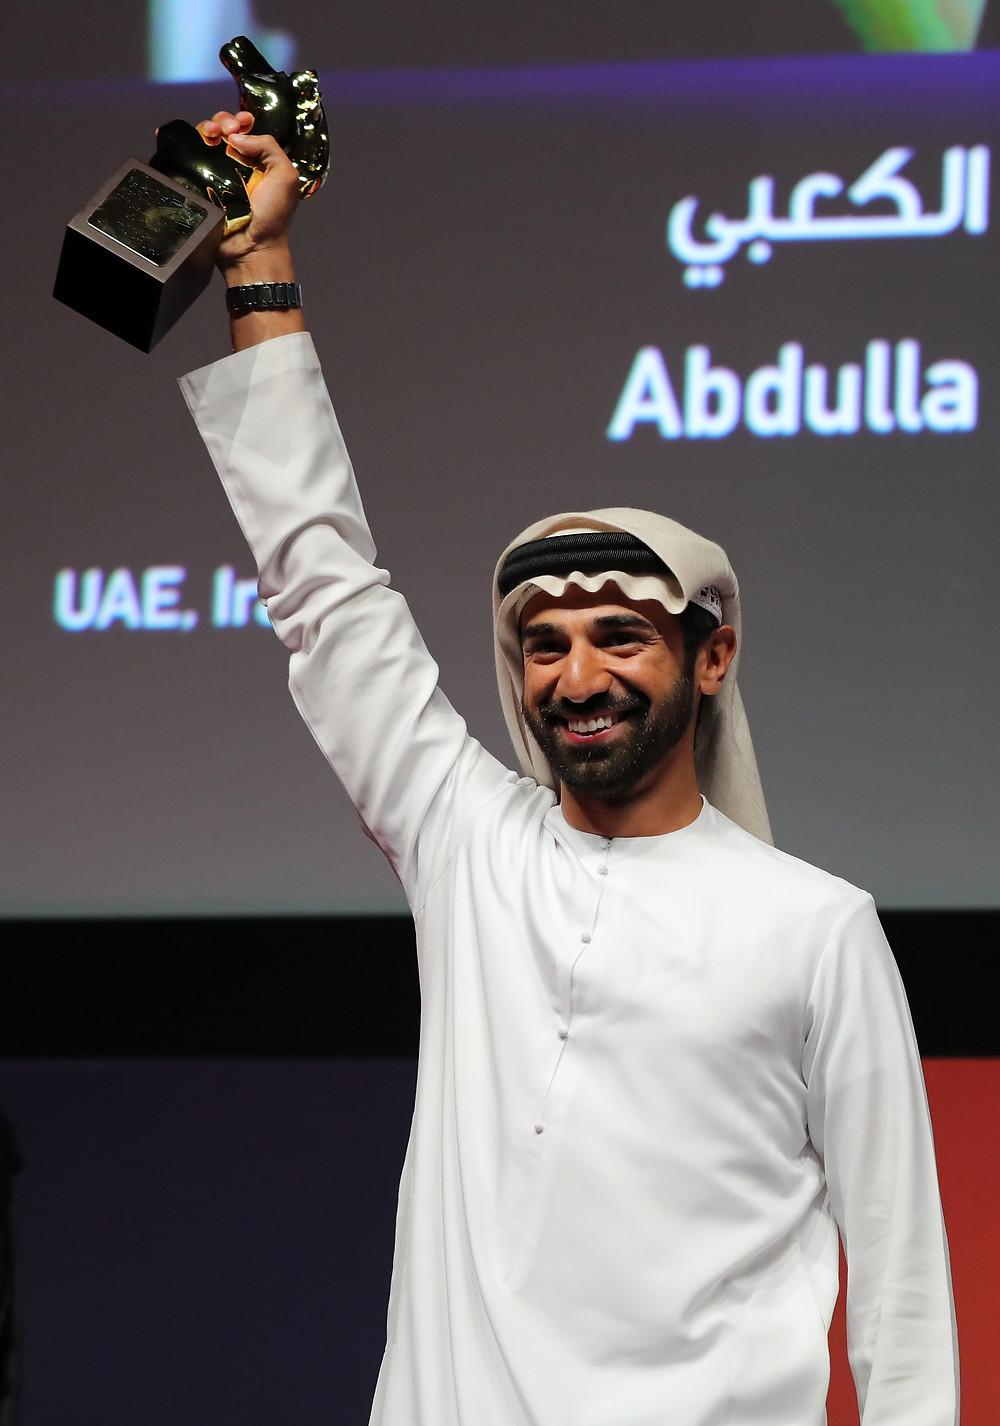 Abdulla Al Kaabi wins at DIFF 2016